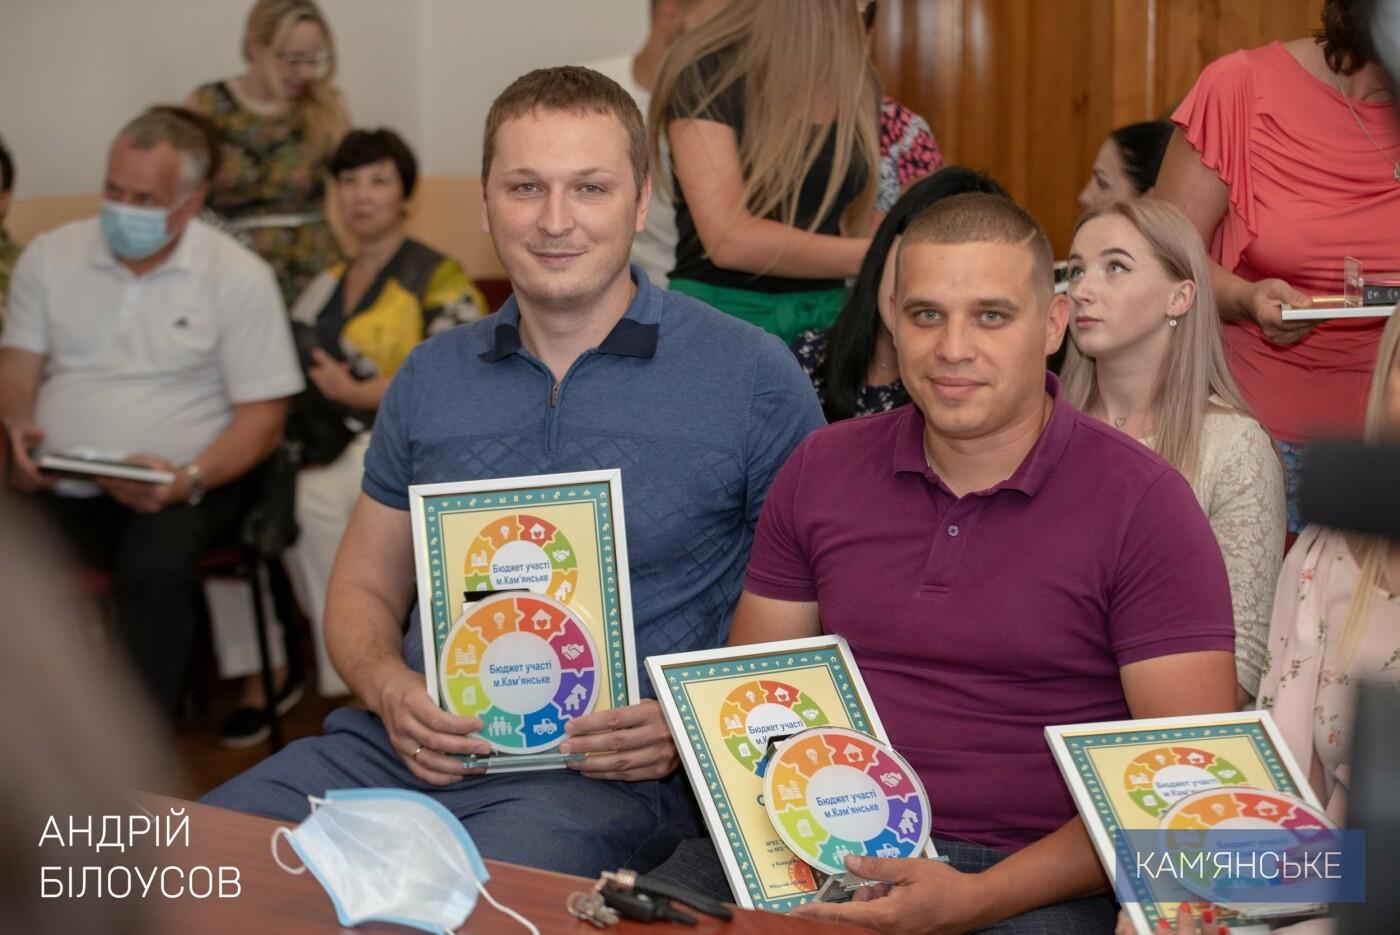 В Каменском наградили победителей «Бюджета участия», фото-7